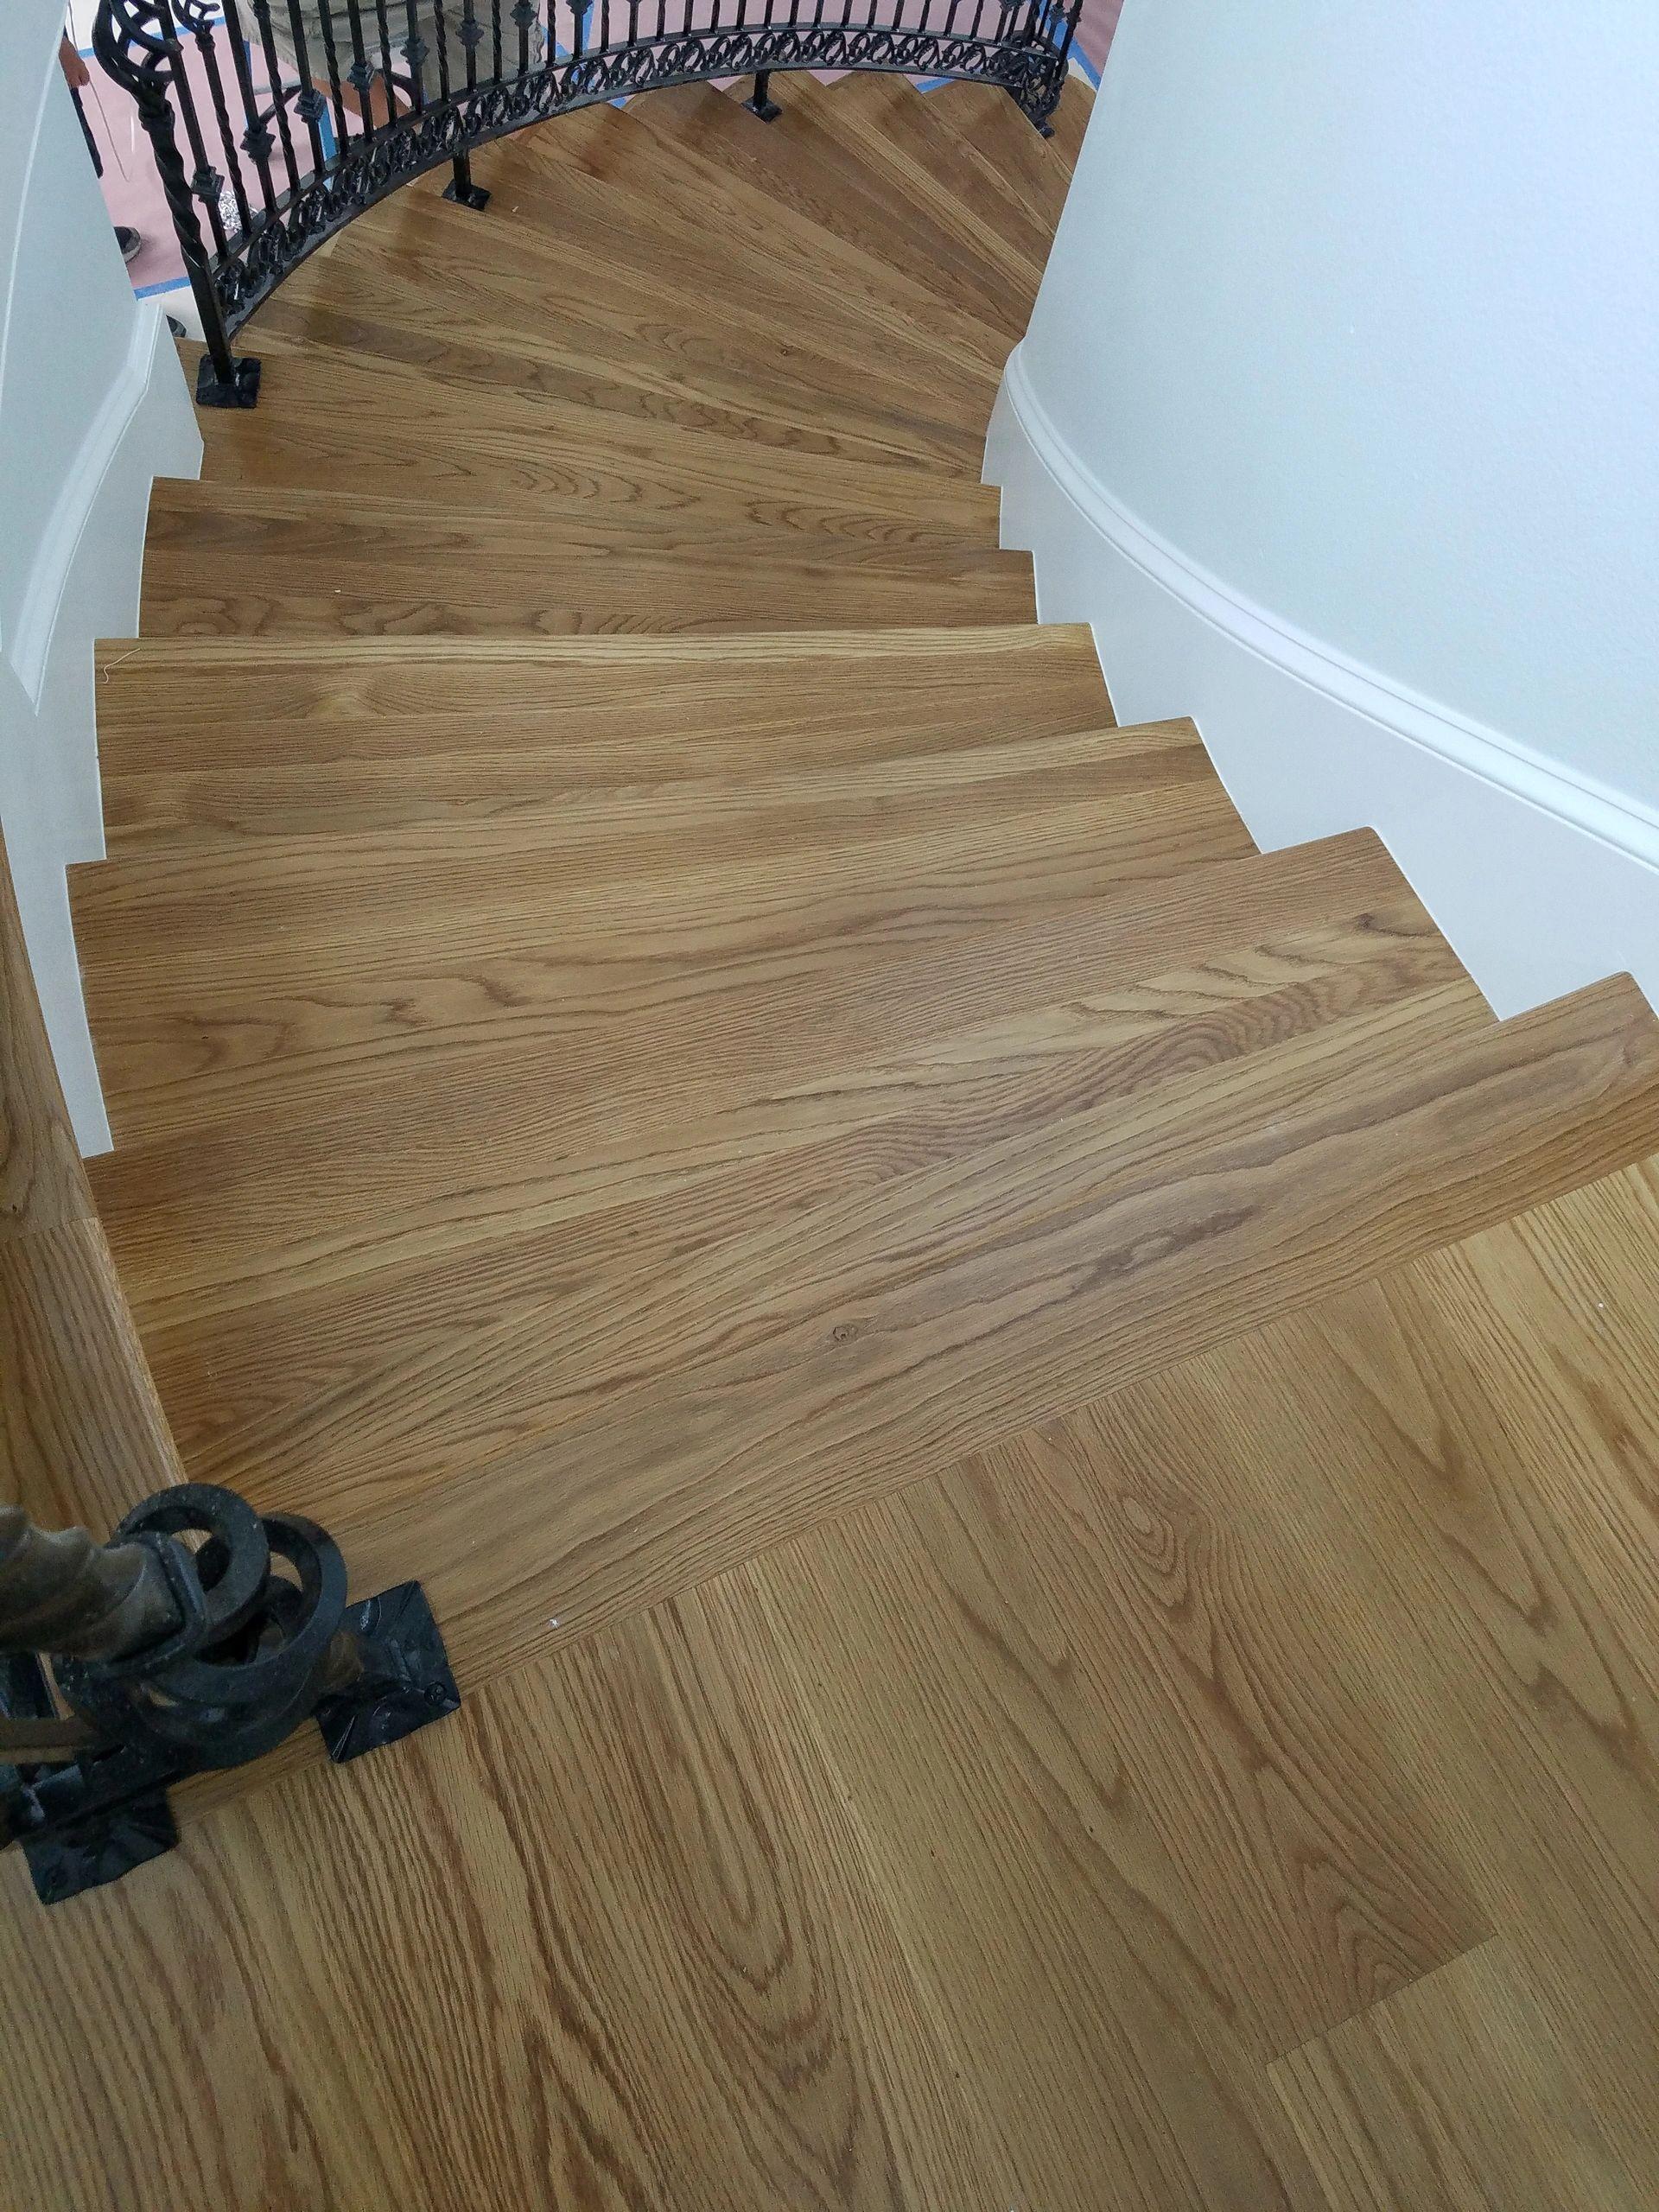 utica mohawk installation hardwoodlaminate floors carpetbrokers bella hardwood herkimer brokers cera flooring floor carpet valley ny laminate